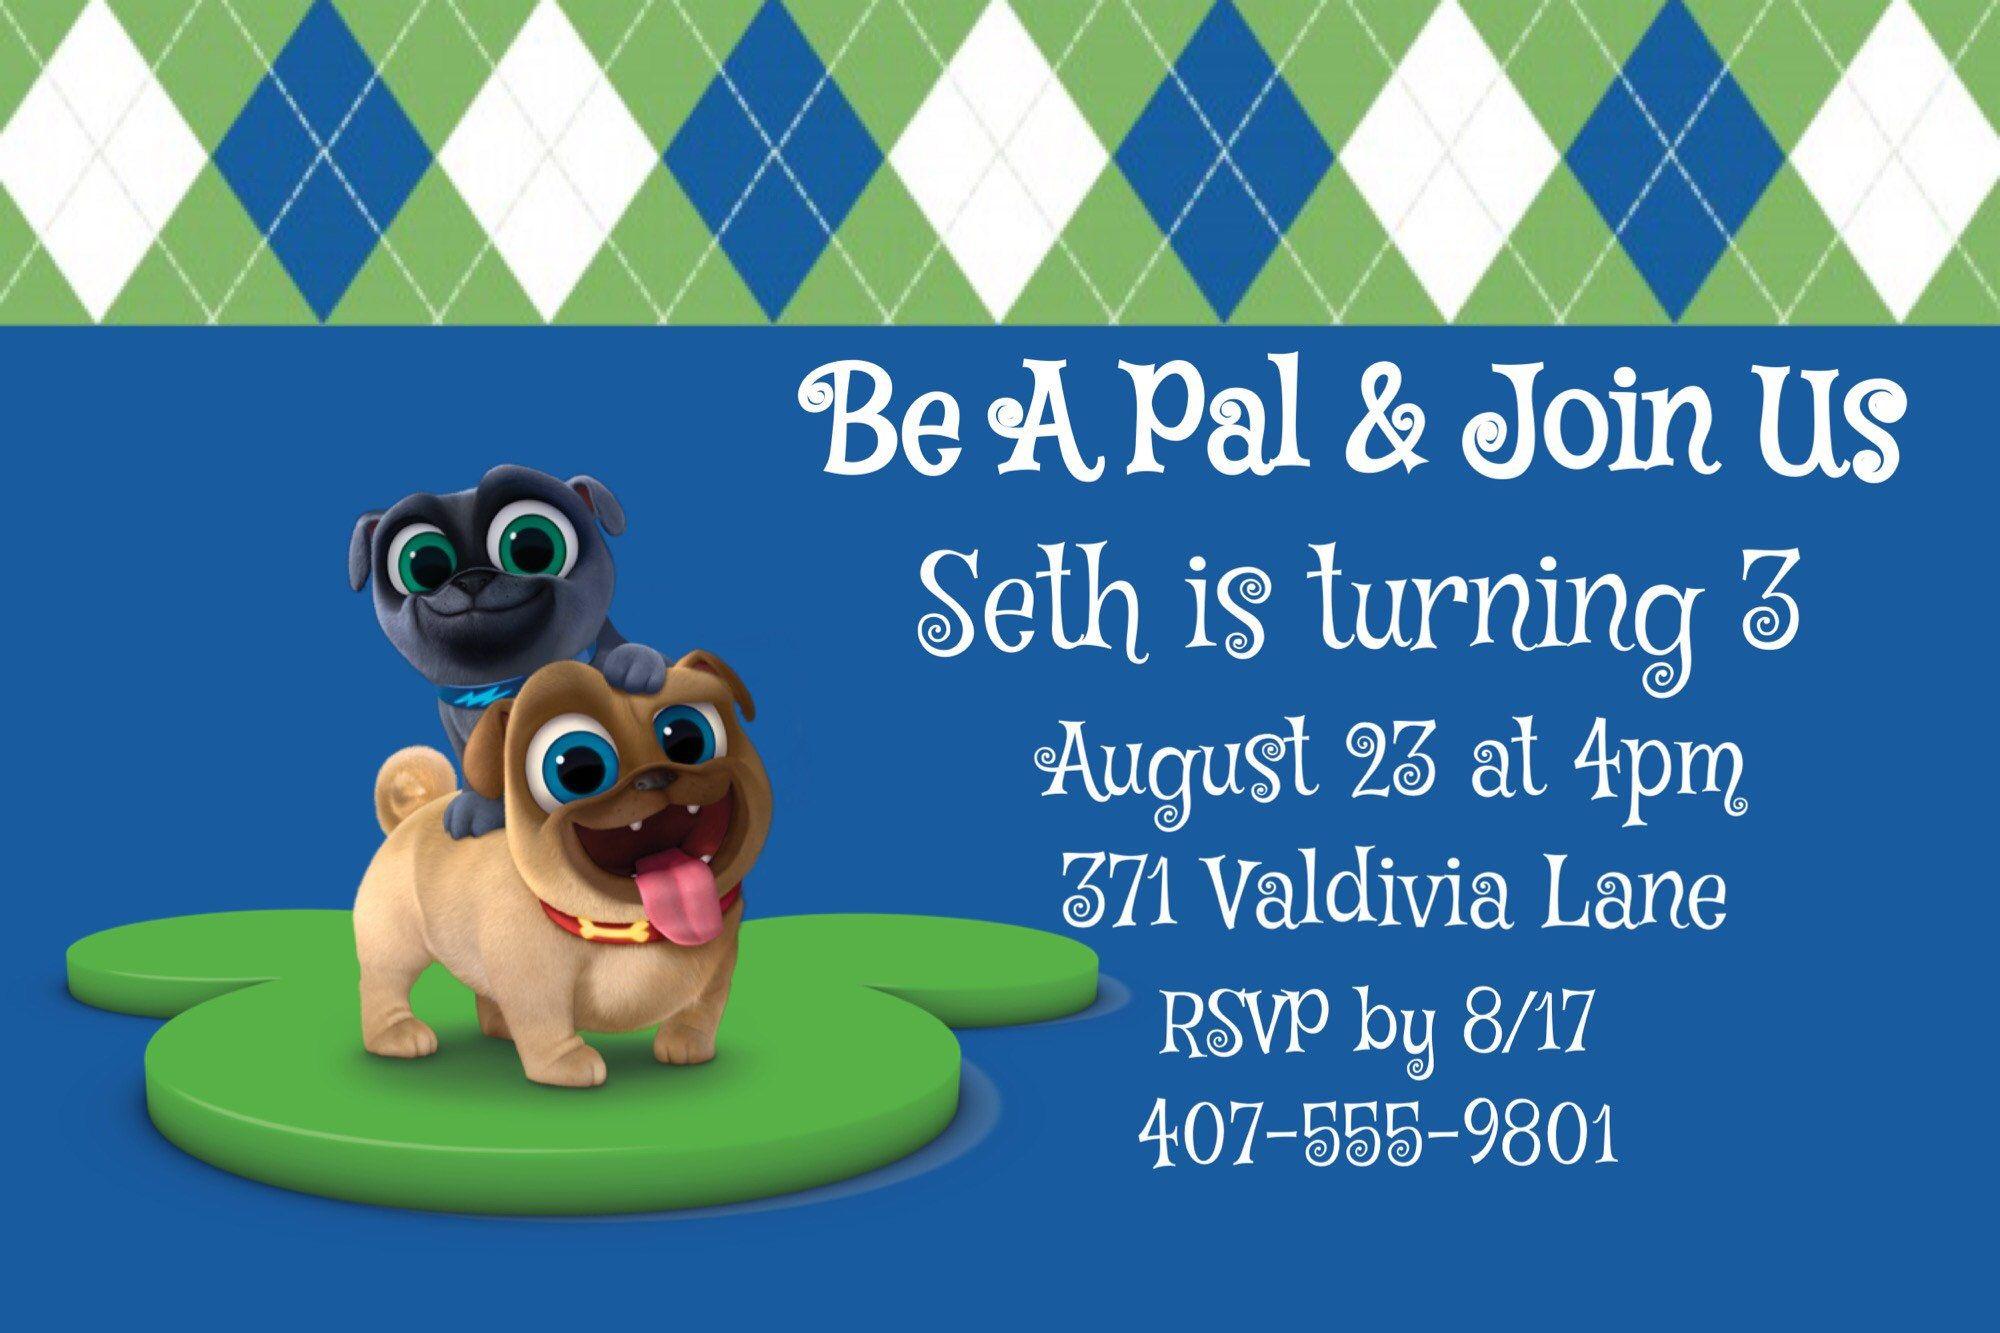 Puppy Dog Pals Invitations Rolly Bingo Disney Junior By Thefestivechick On Etsy Dog Birthday Party Twins 1st Birthdays Dog Birthday